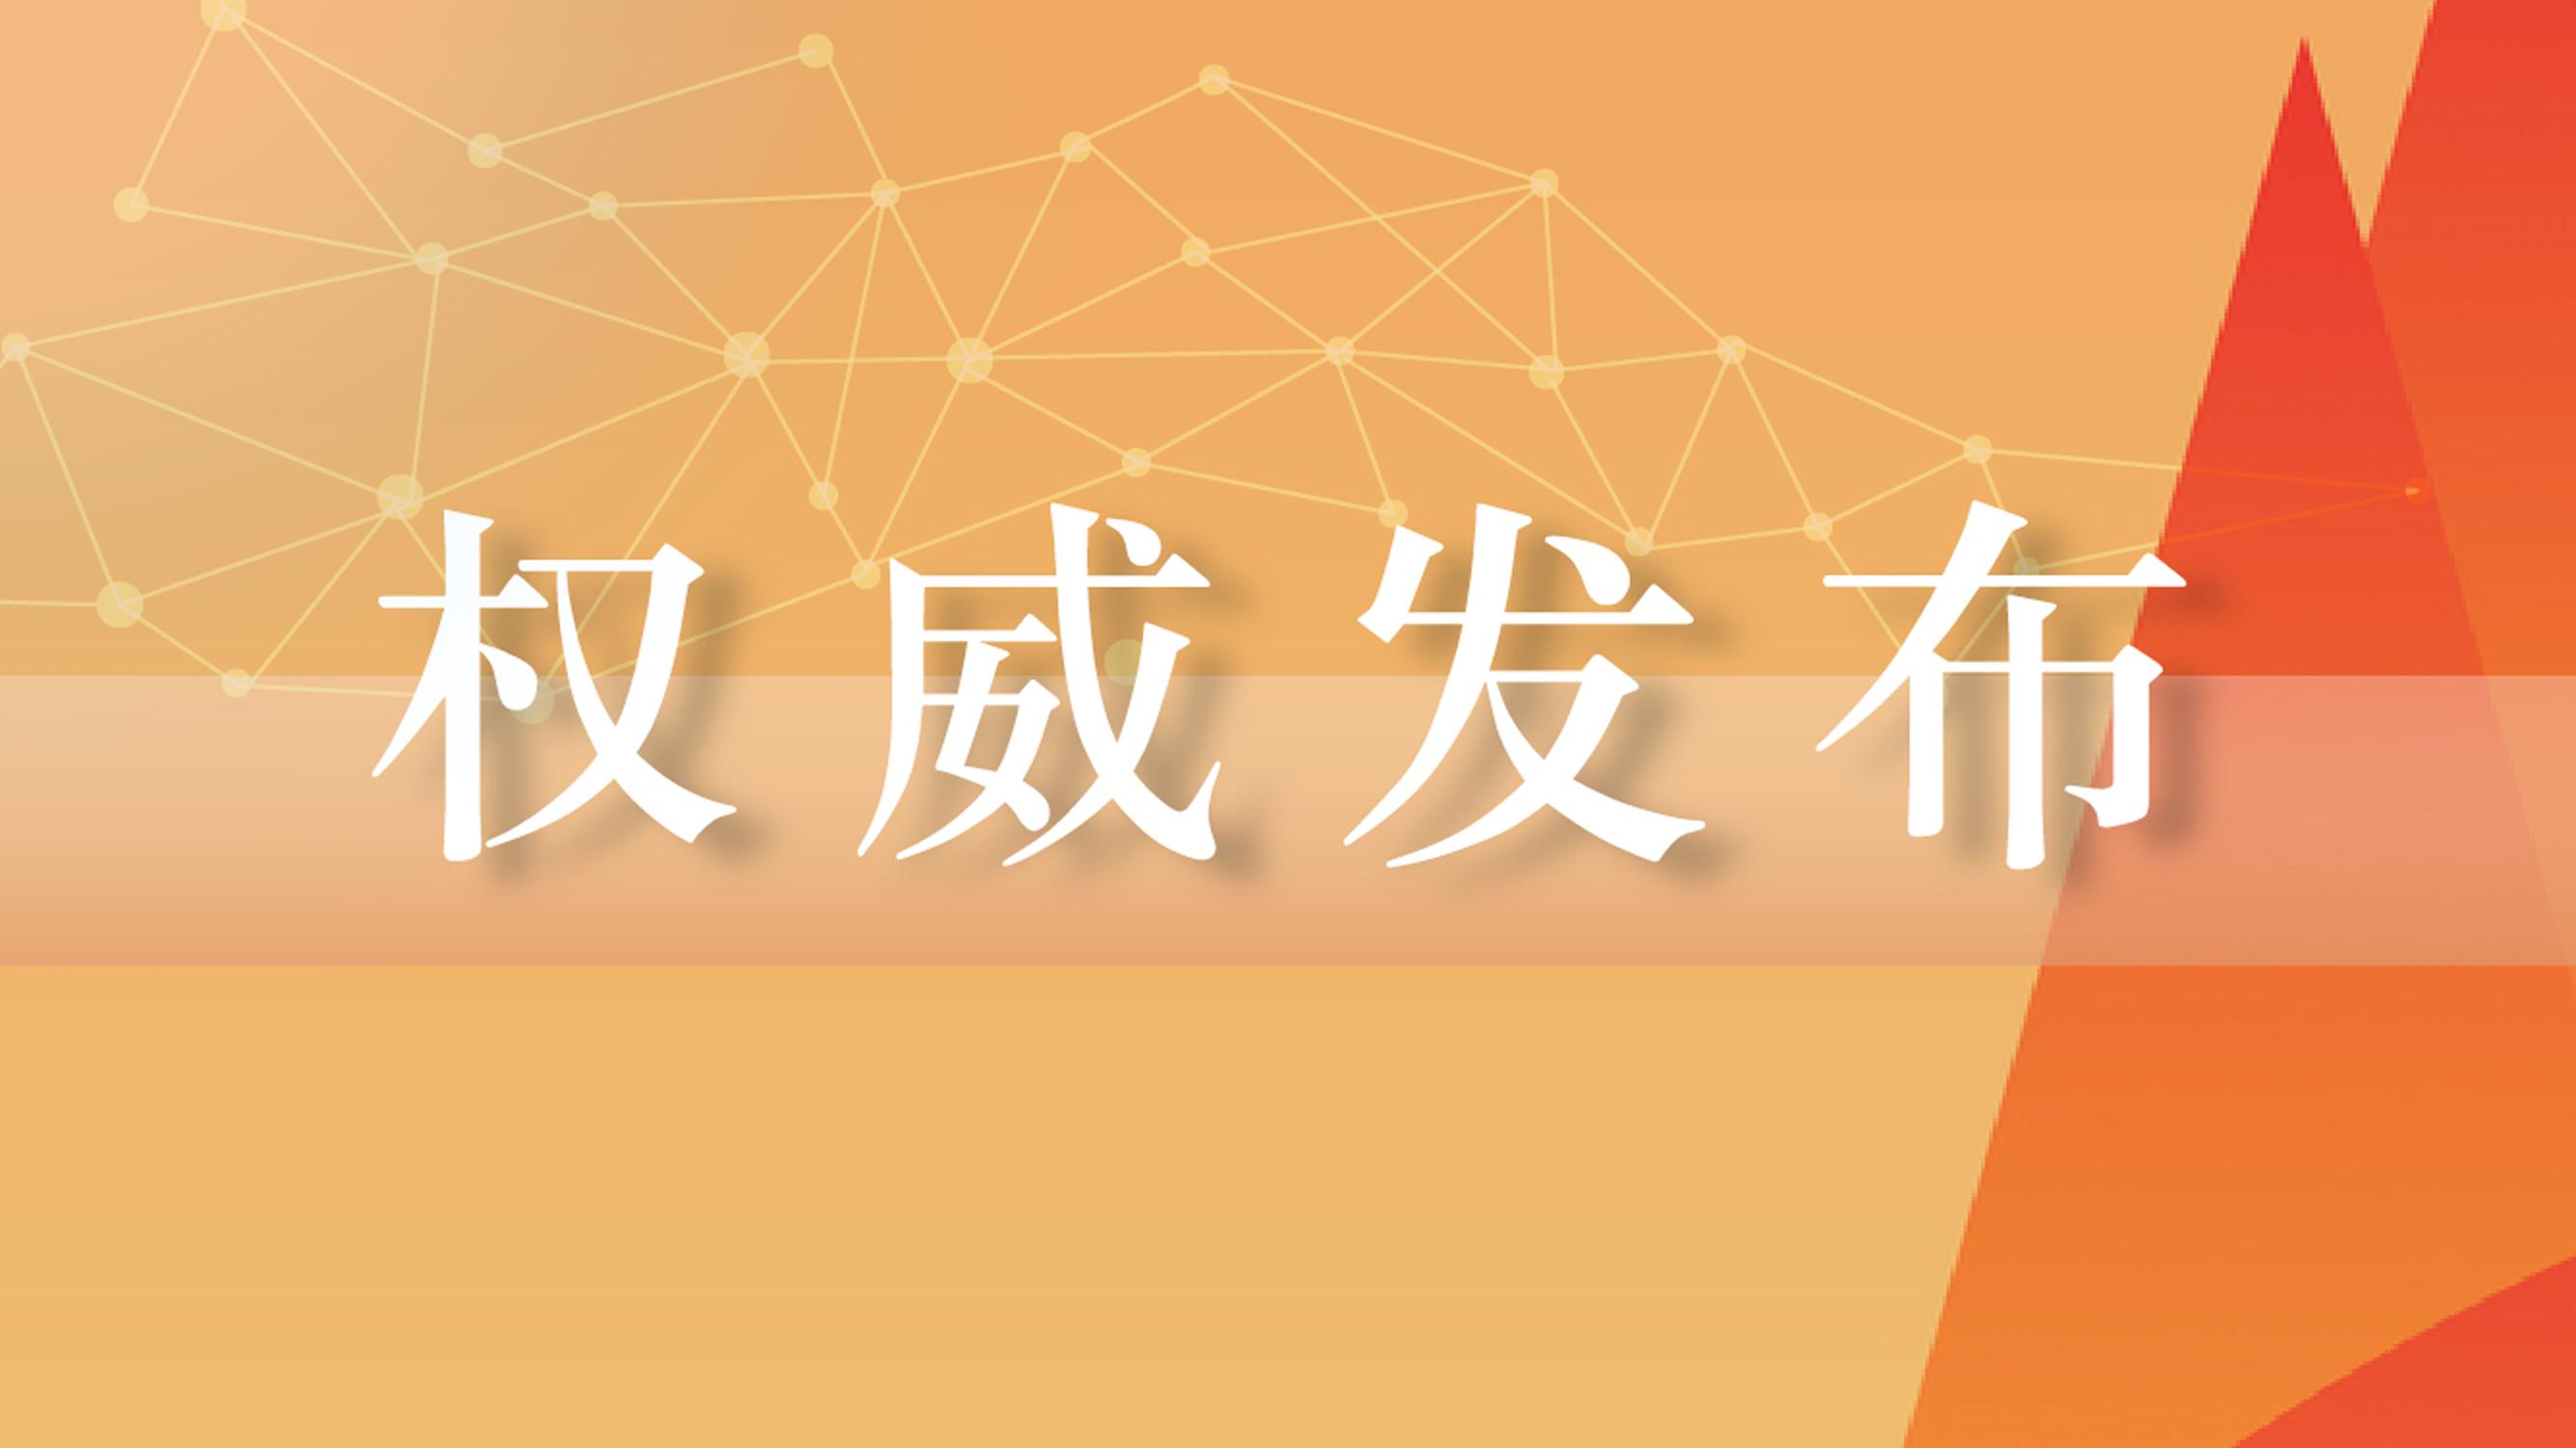 核工业西南建设集团有限公司党委书记赵万先 接受纪律审查和监察调查